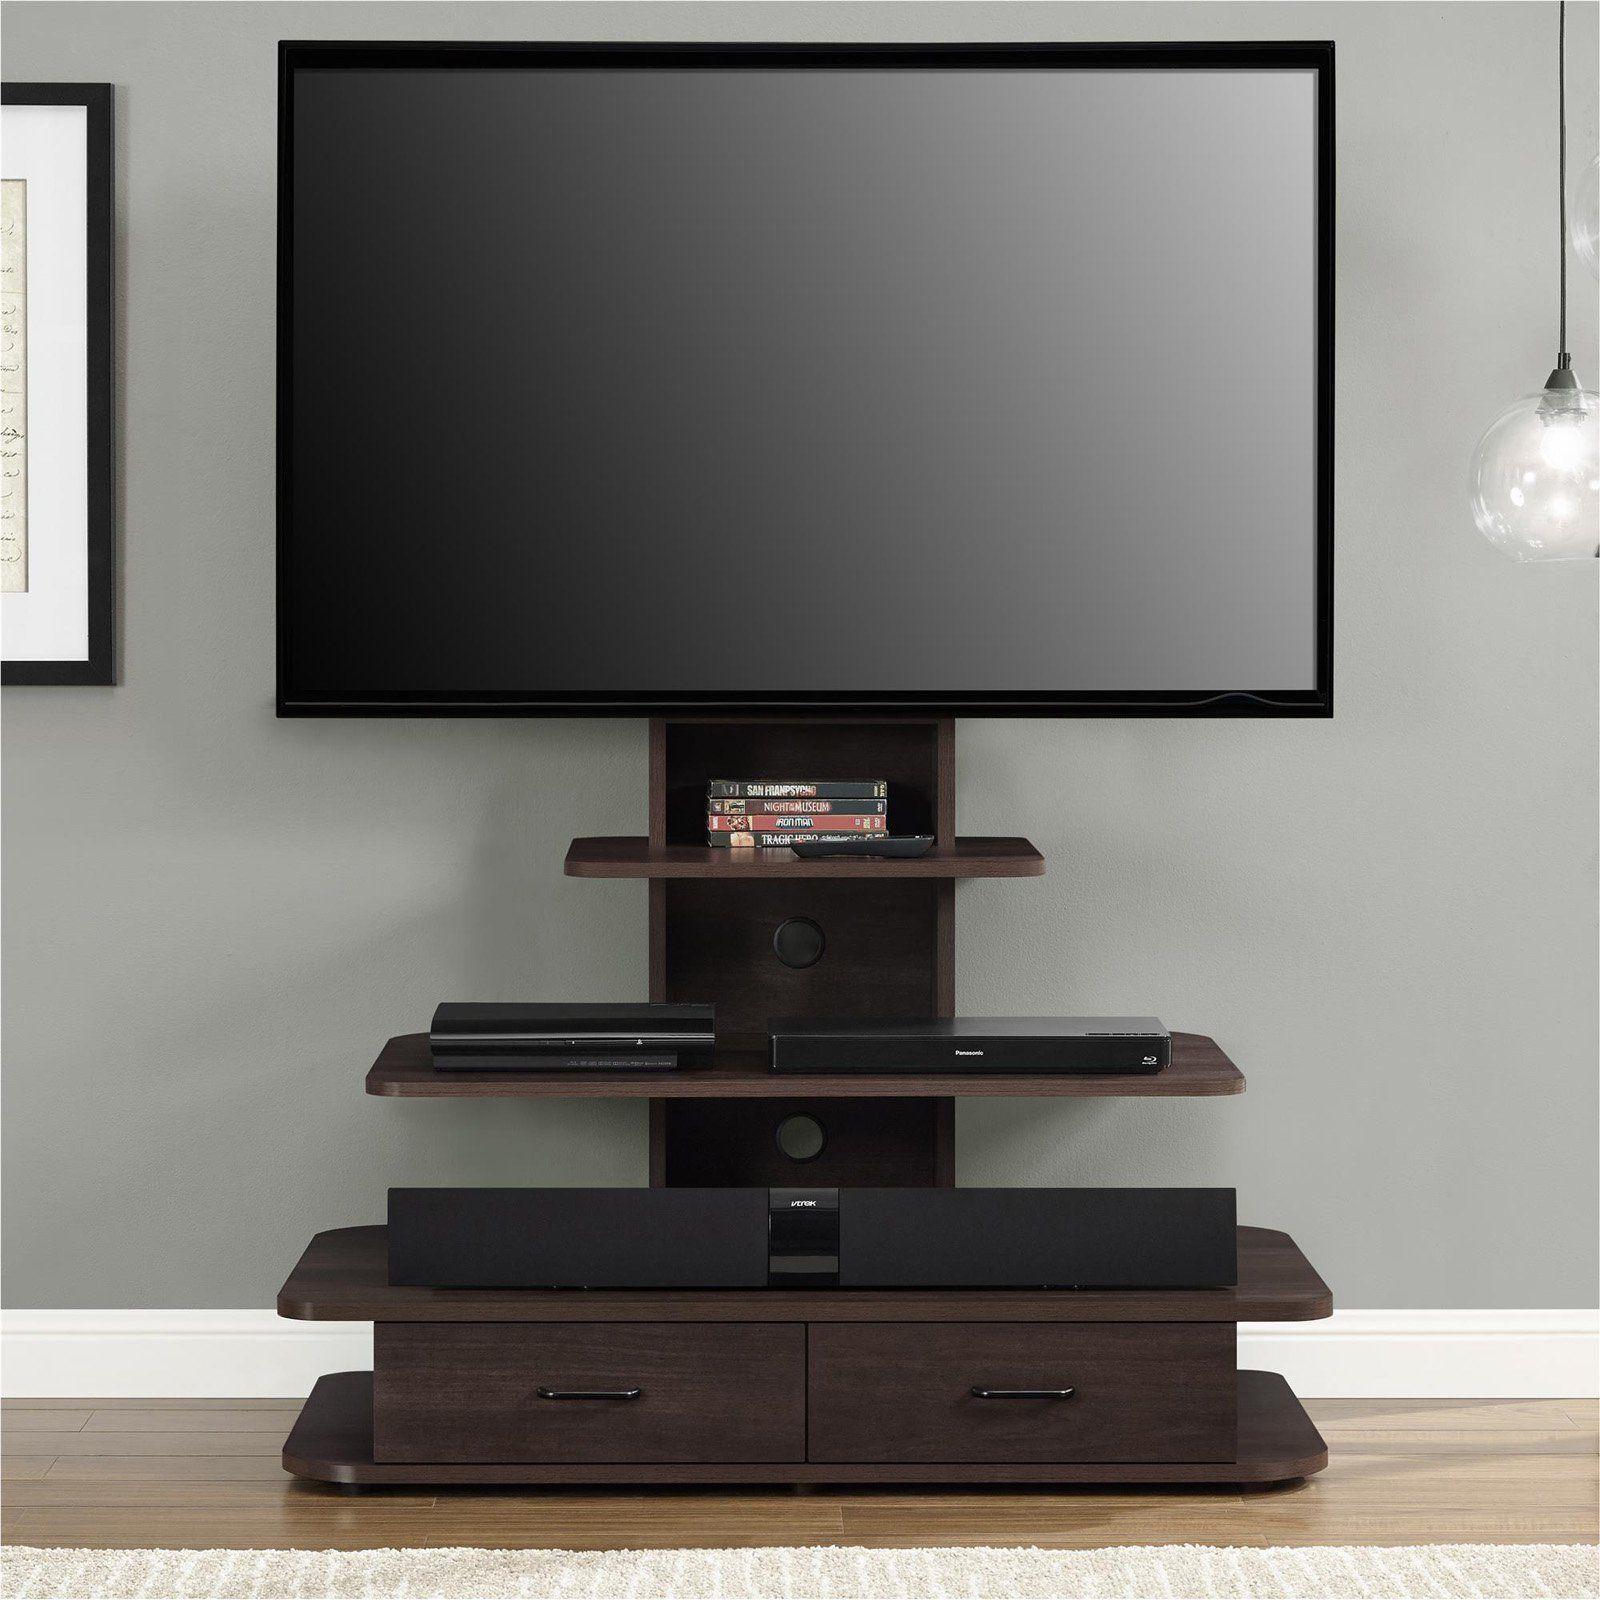 altra furniture galaxy 70 in tv stand dark walnut 1762196pcom